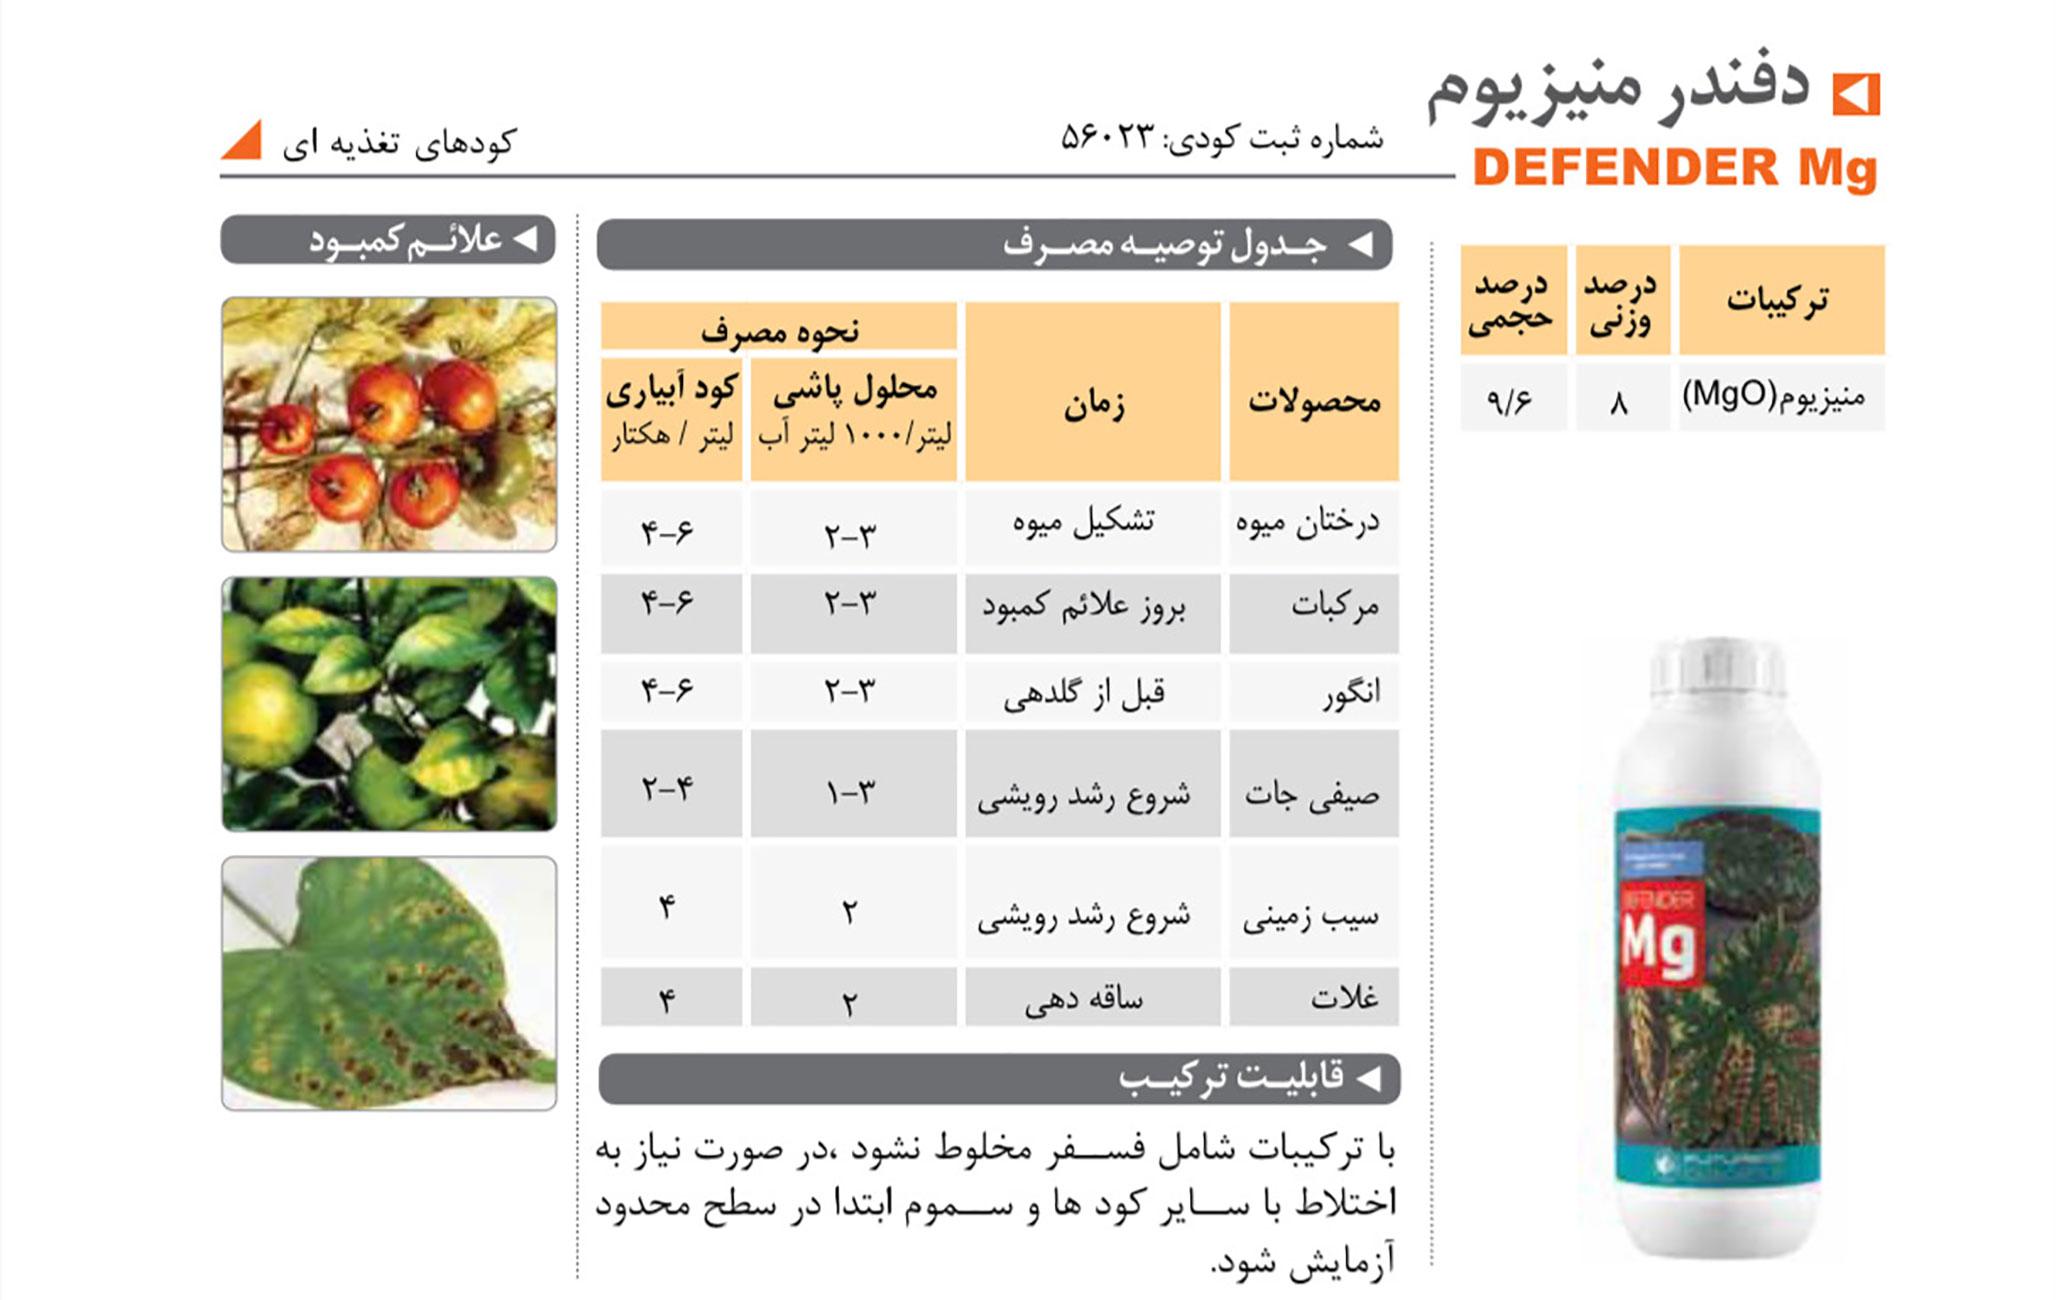 تامین کننده منیزیم در گیاه DEFENDER Mg فیوچر